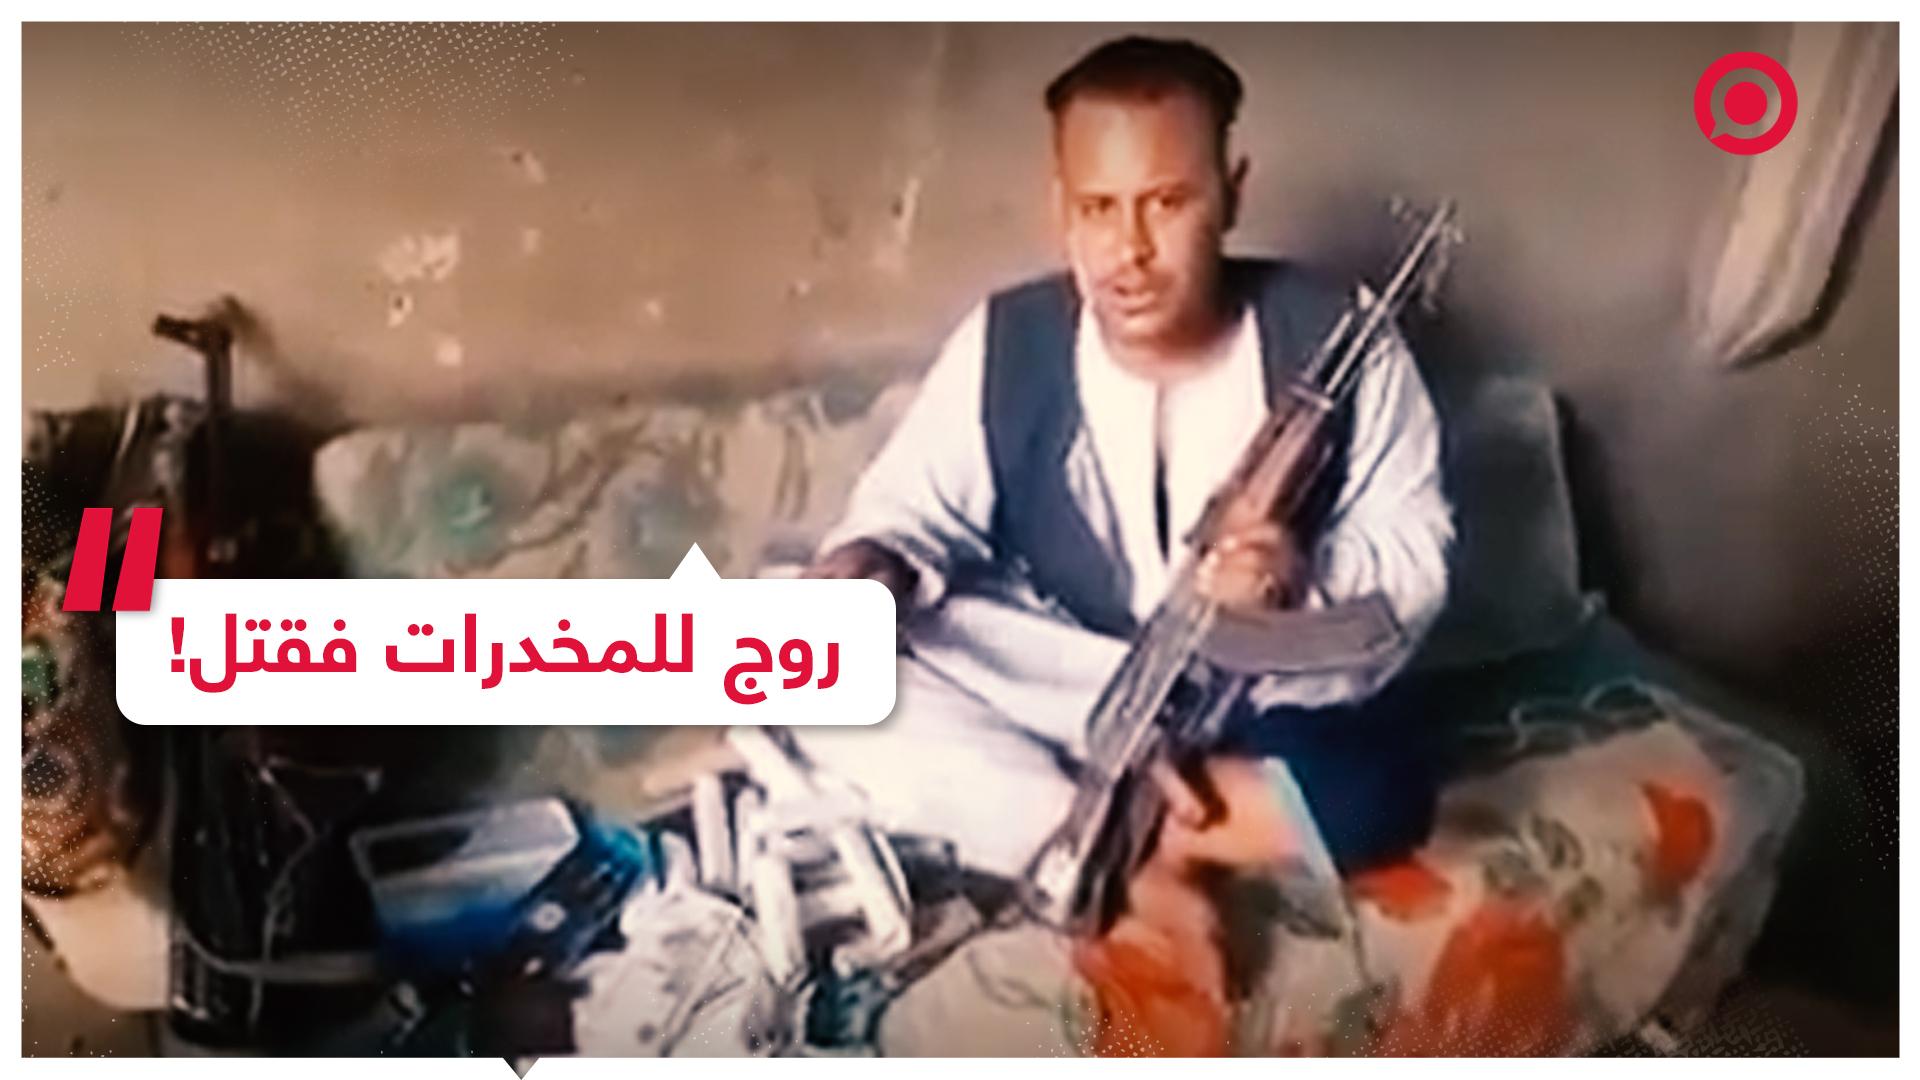 شاب مصري روج للمخدرات بحجة فعاليتها ضد الكورونا!